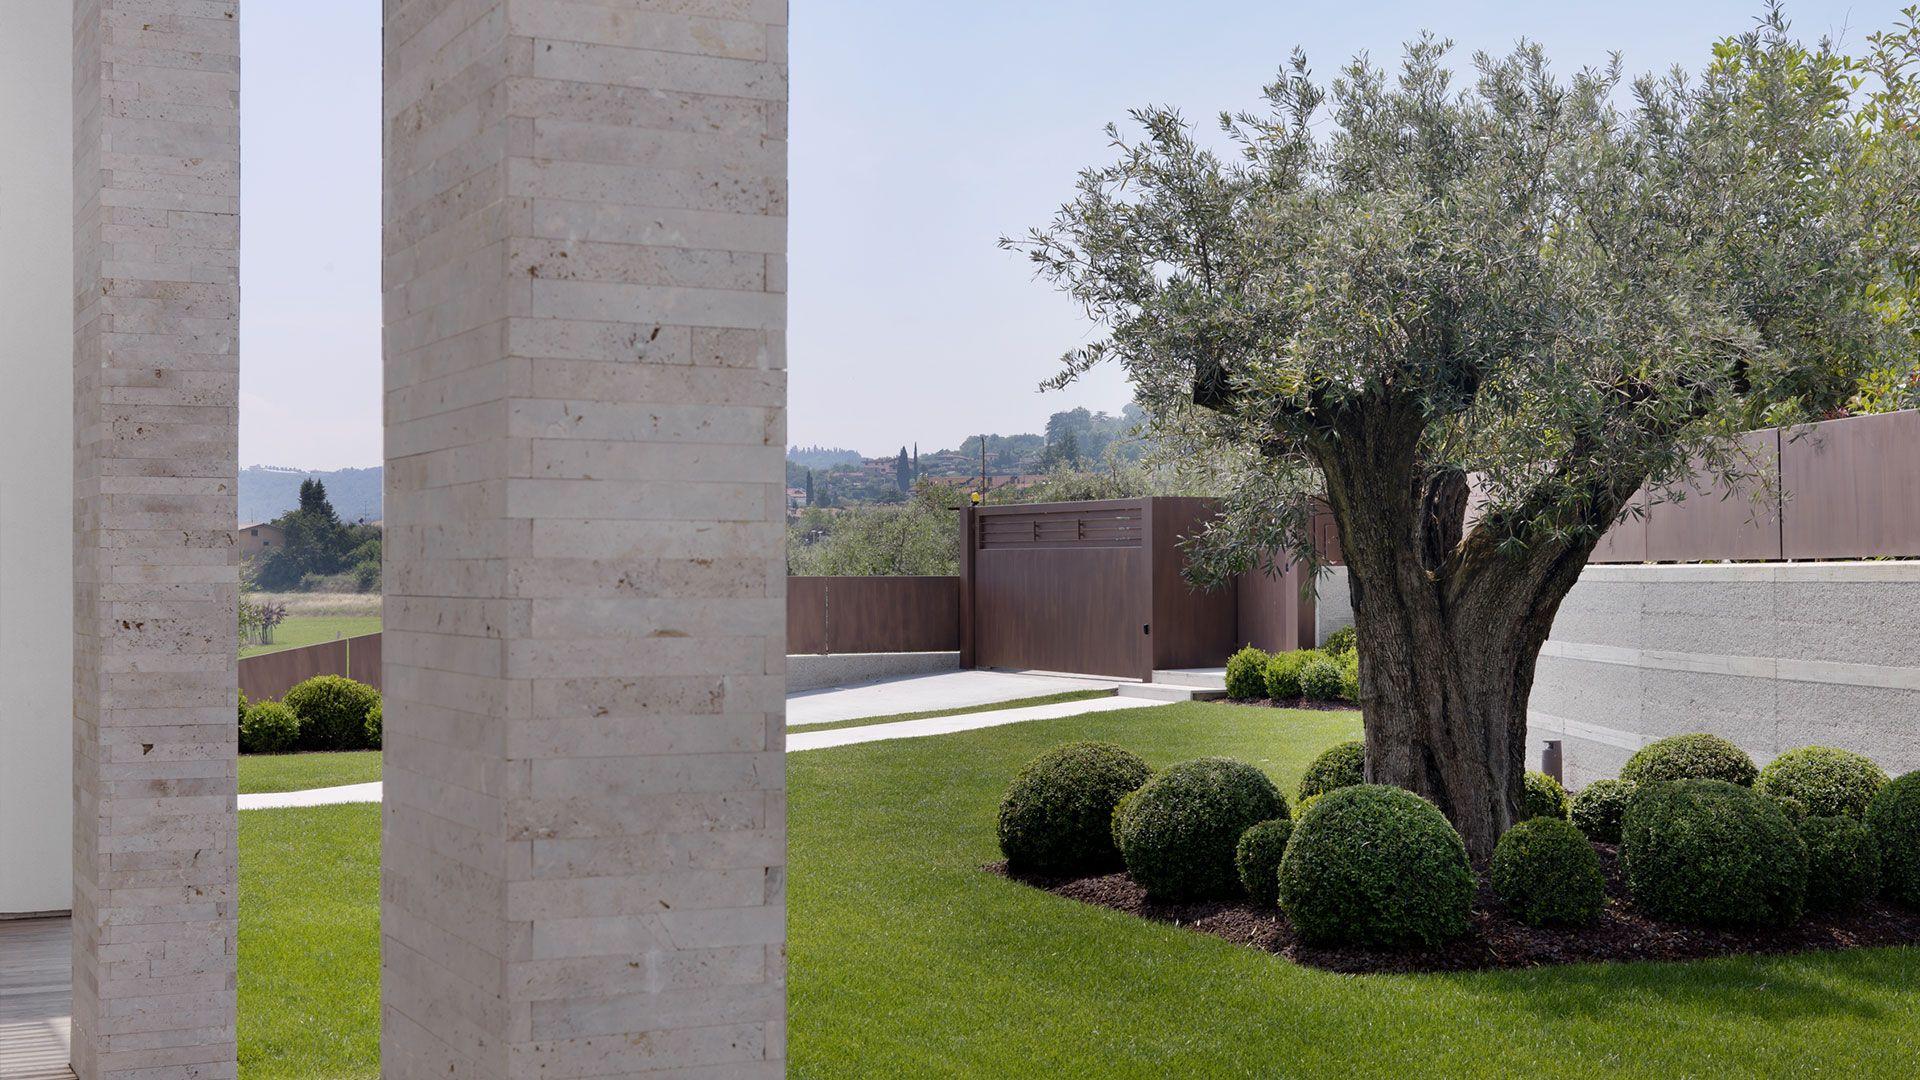 creazione giardini per ville moderne sf gardenhouse giardino architettura e progetti